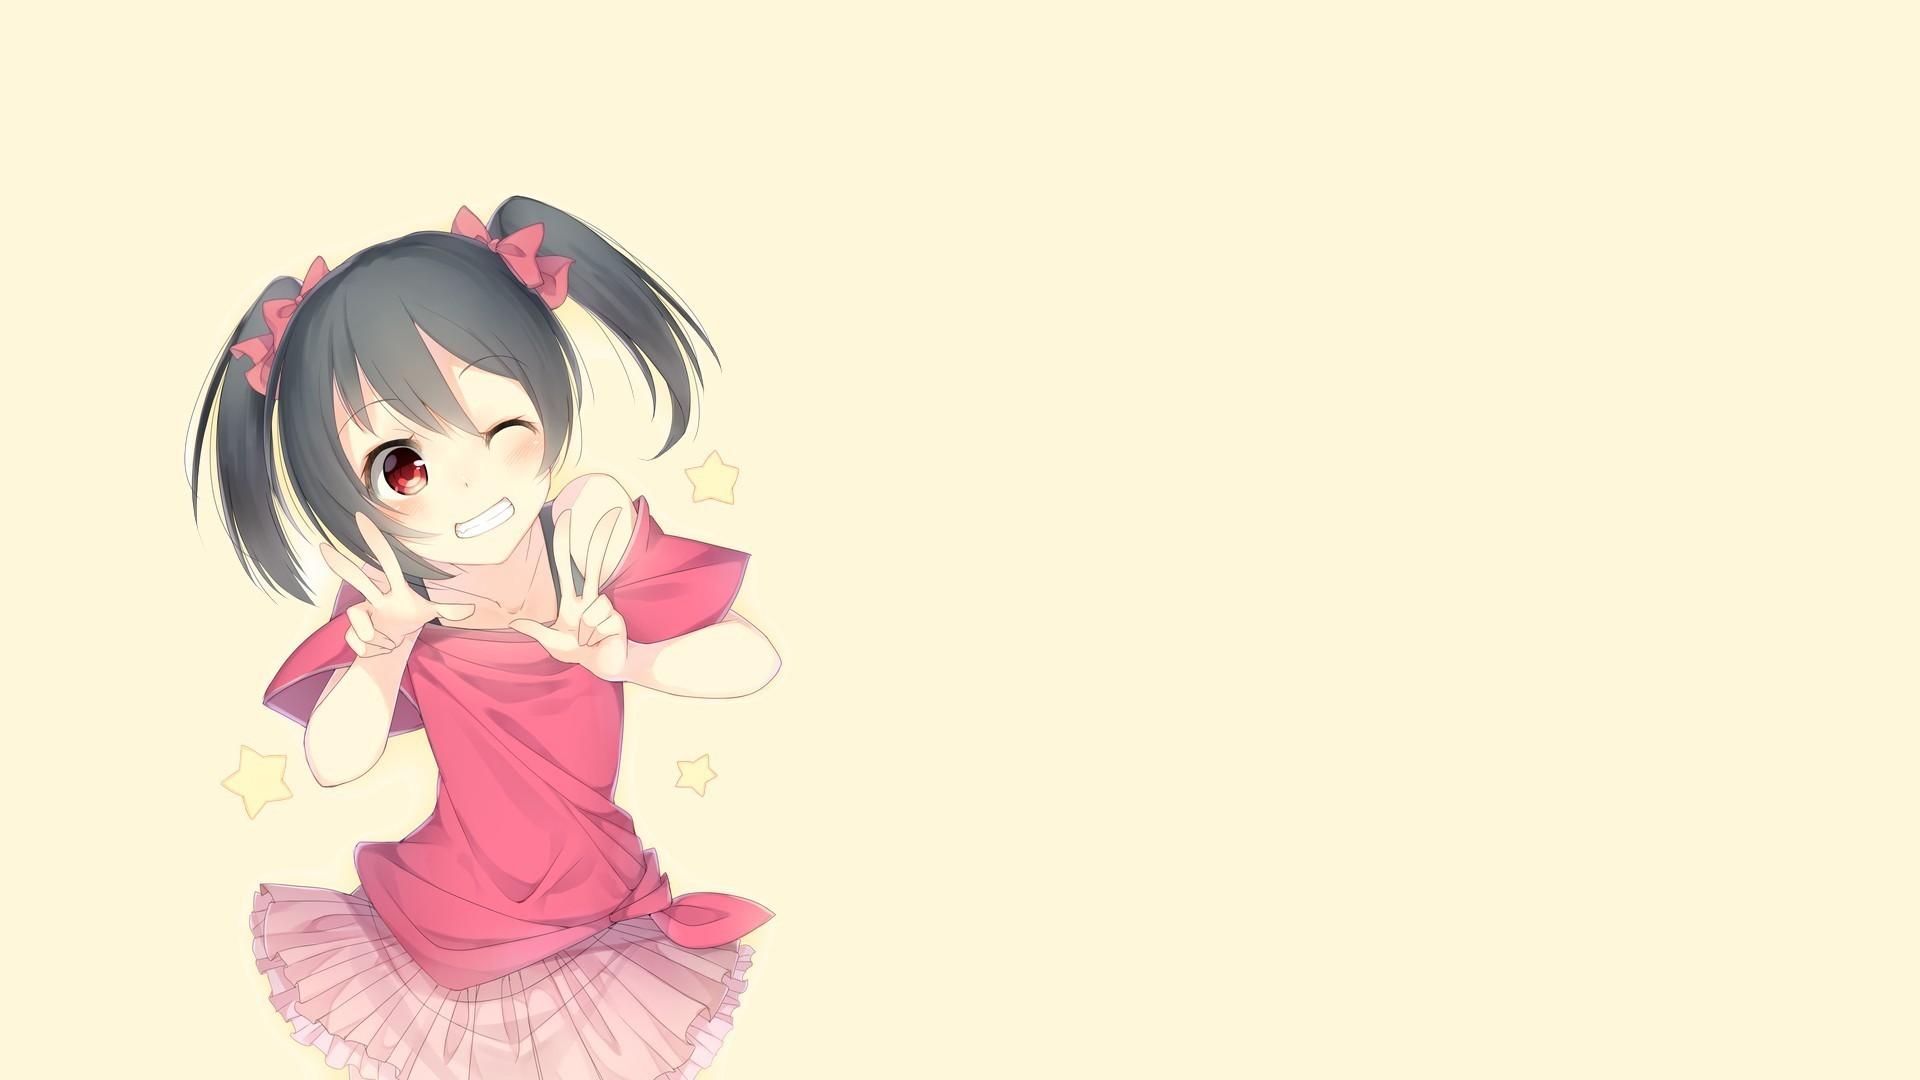 Hình nền Anime đẹp Full HD cho máy tính